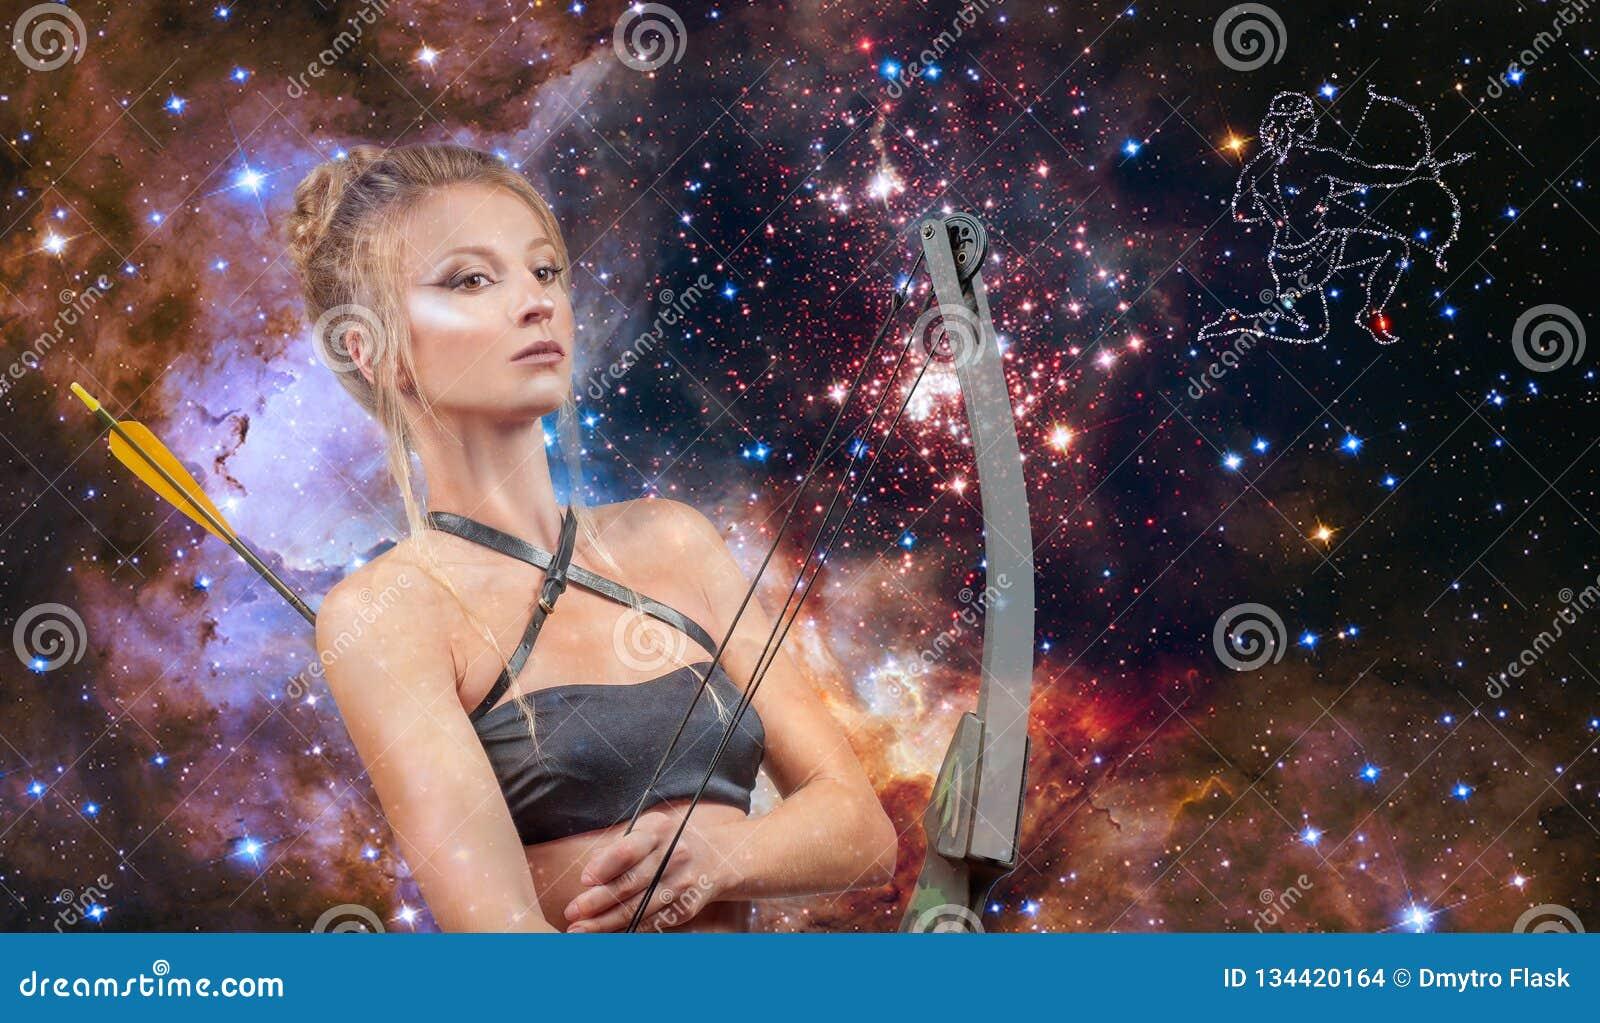 人马座黄道带标志 占星术和占星,星系背景的美女人马座